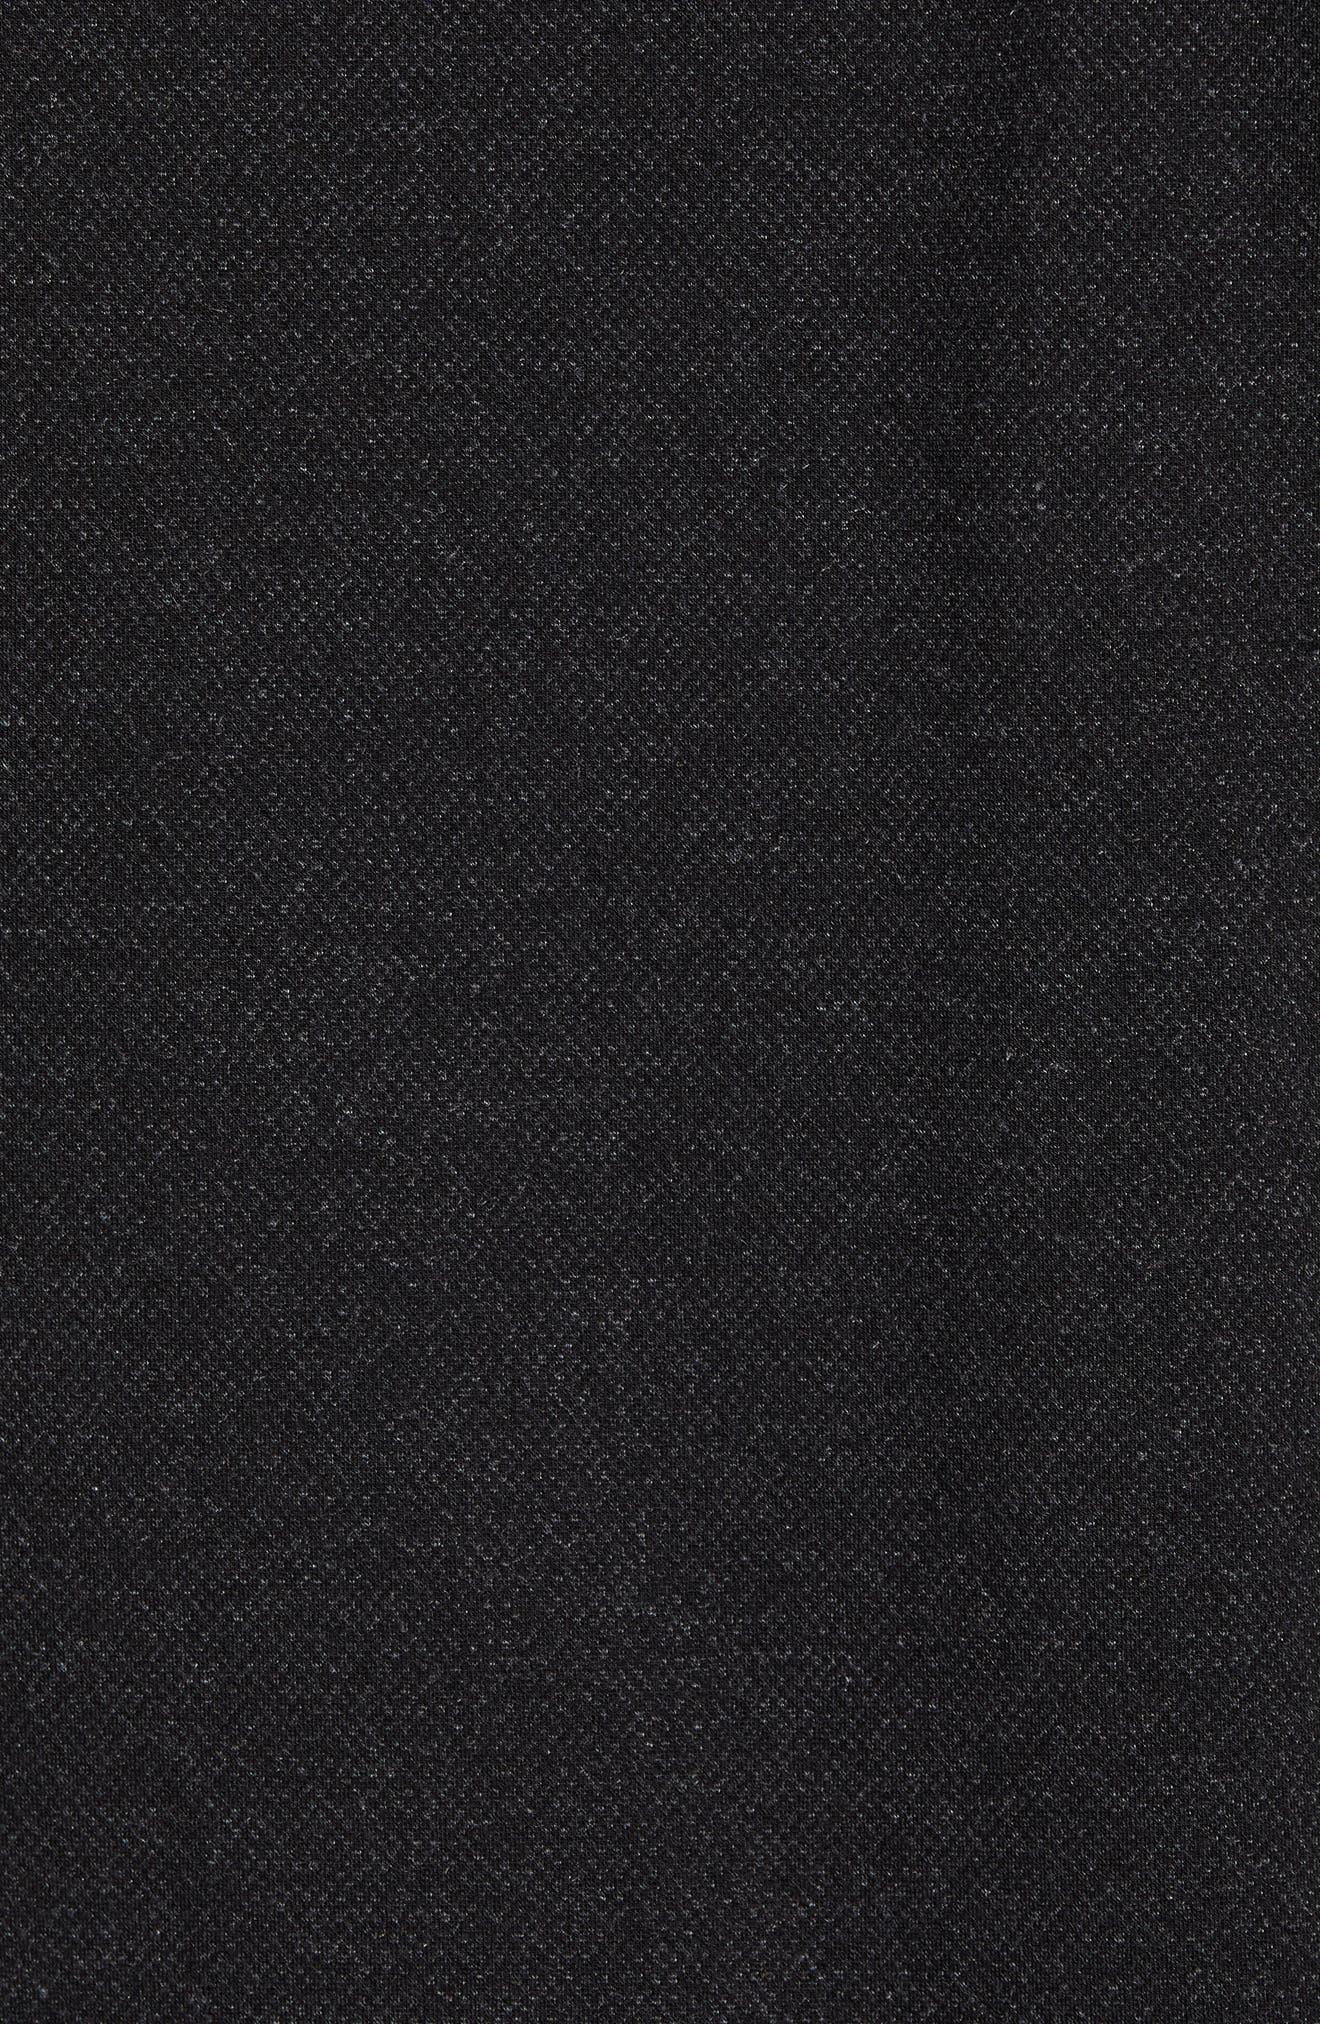 Flapjak Knit Shirt,                             Alternate thumbnail 6, color,                             BLACK